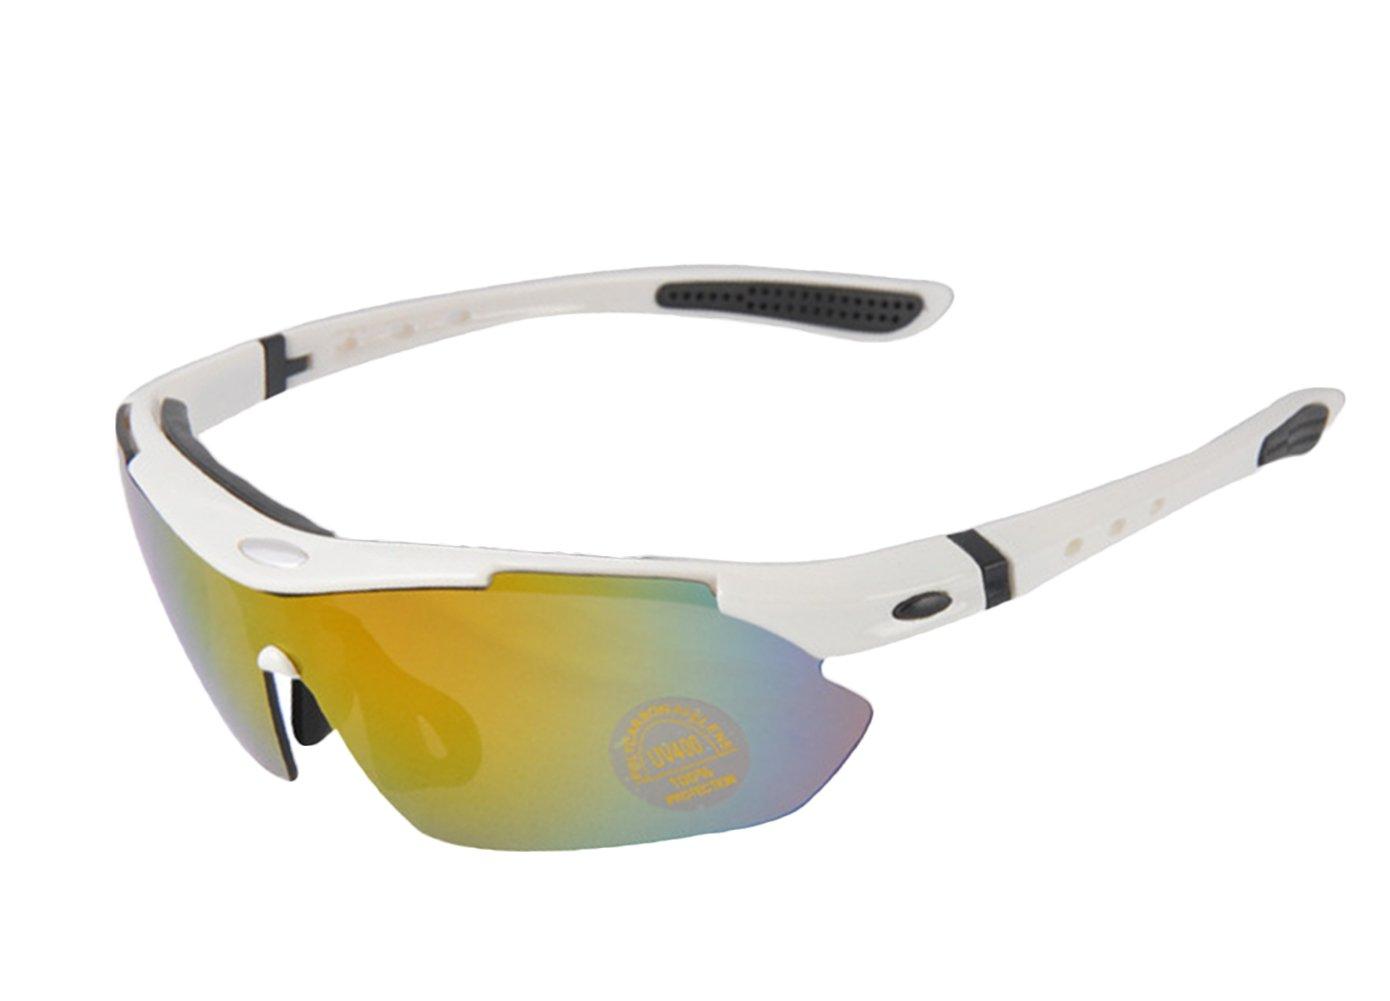 Insun Outdoor ciclismo sport occhiali da sole polarizzati 5Pack (4PC, lenti 1TAC), Uomo, Black and blue